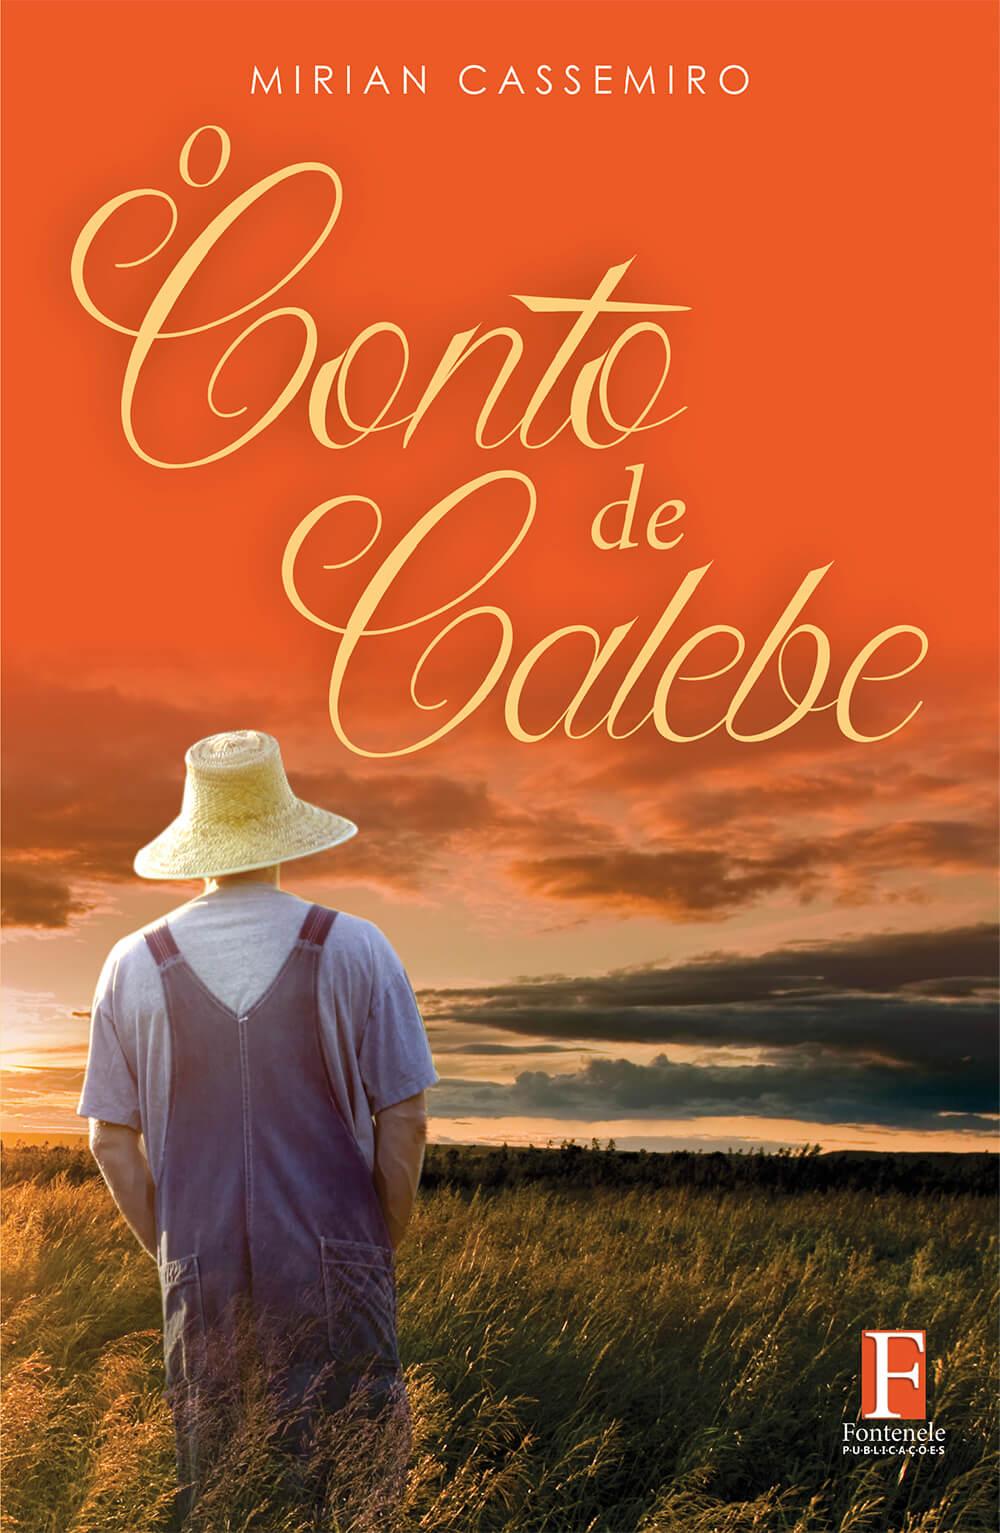 Fontenele Publicações / 11 95150-3481 / 11  95150-4383 O CONTO DE CALEBE